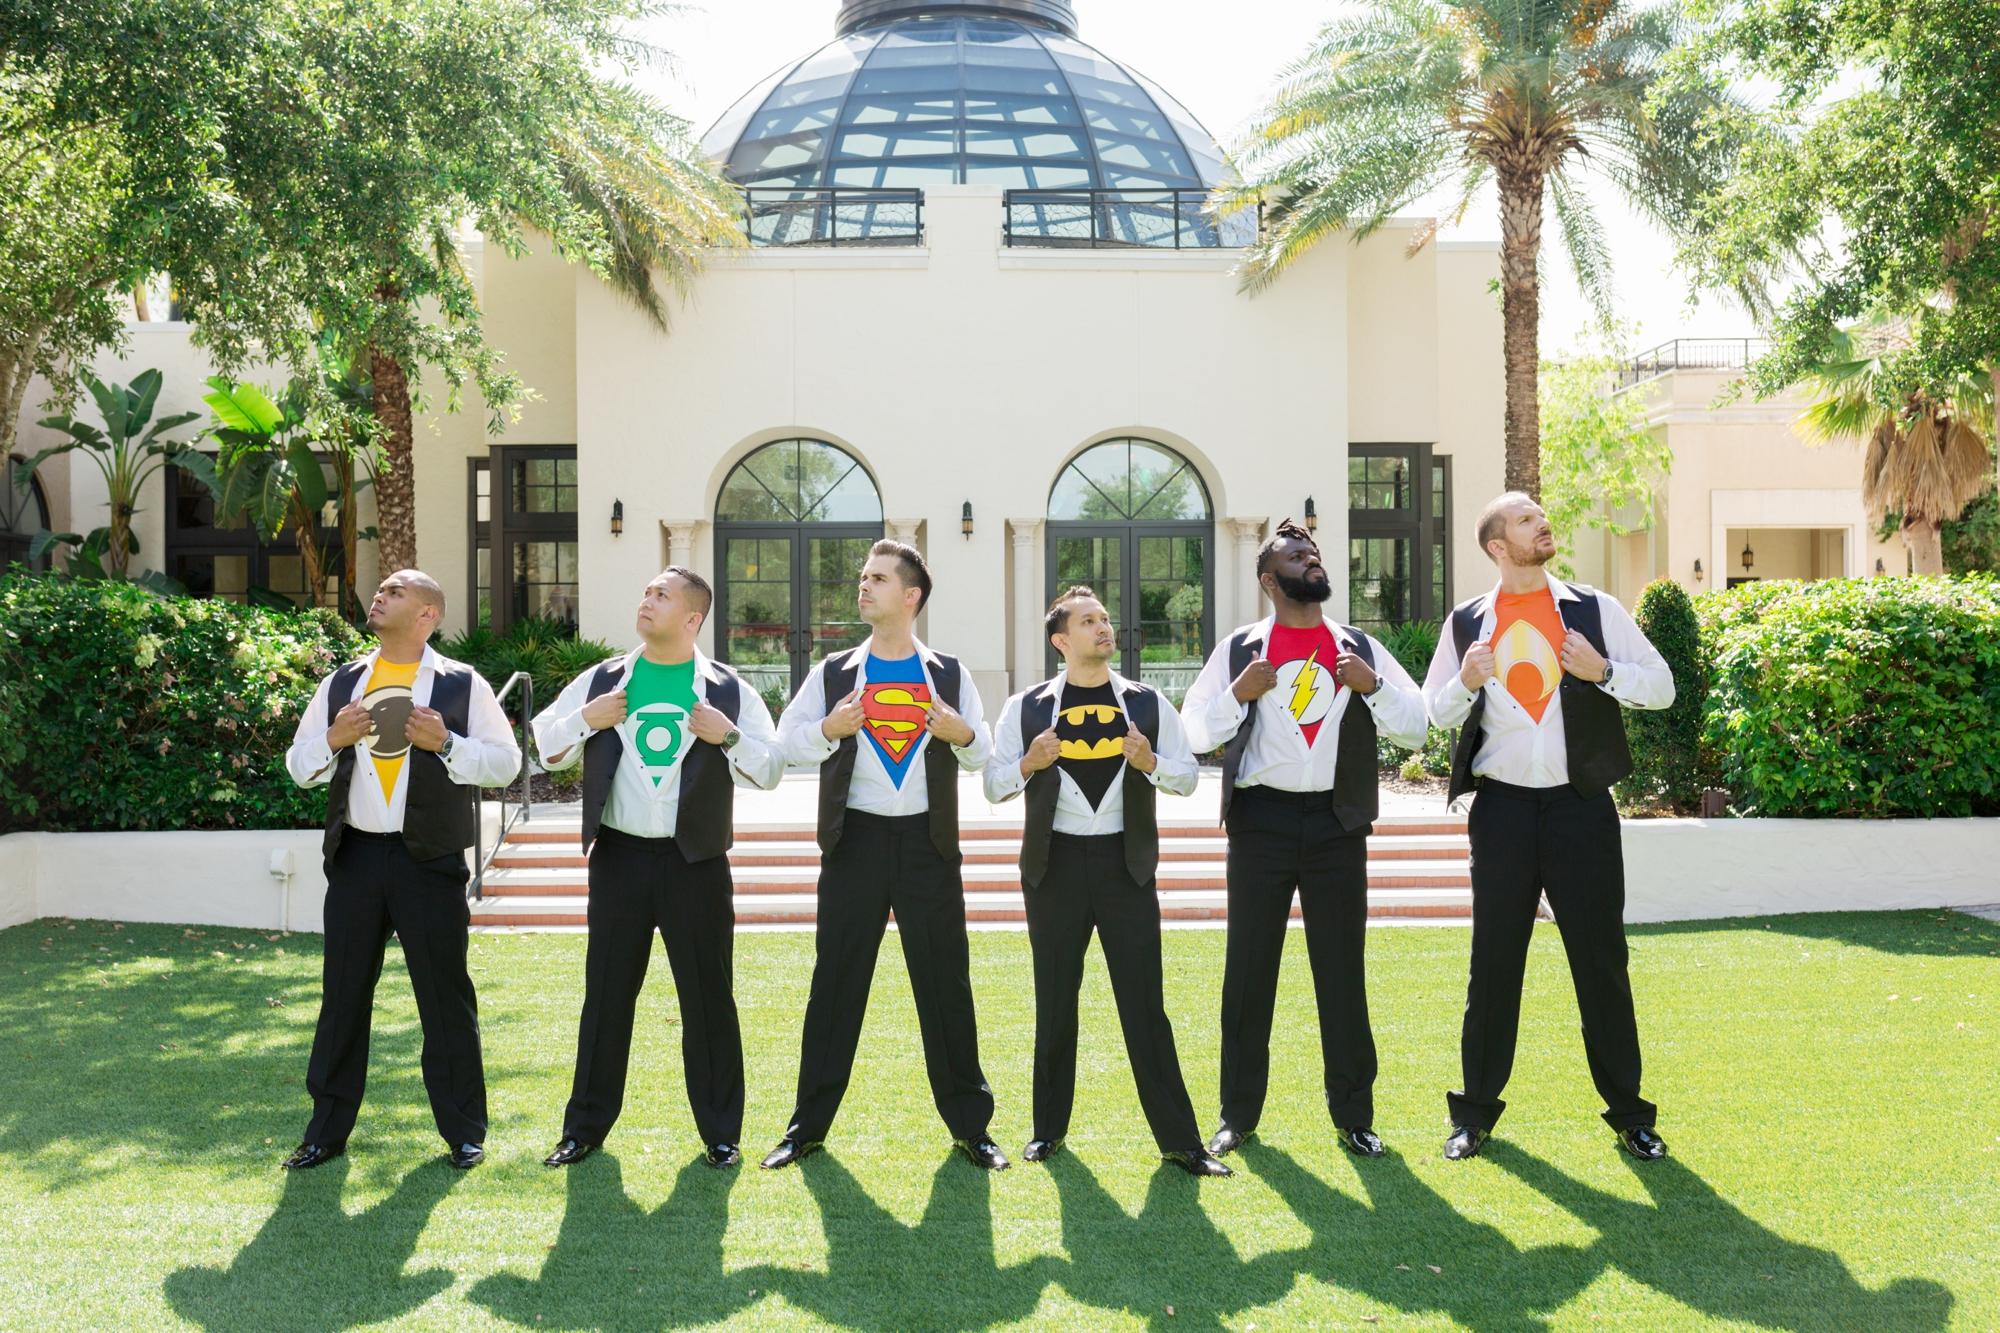 superhero tshirts for groomsmen